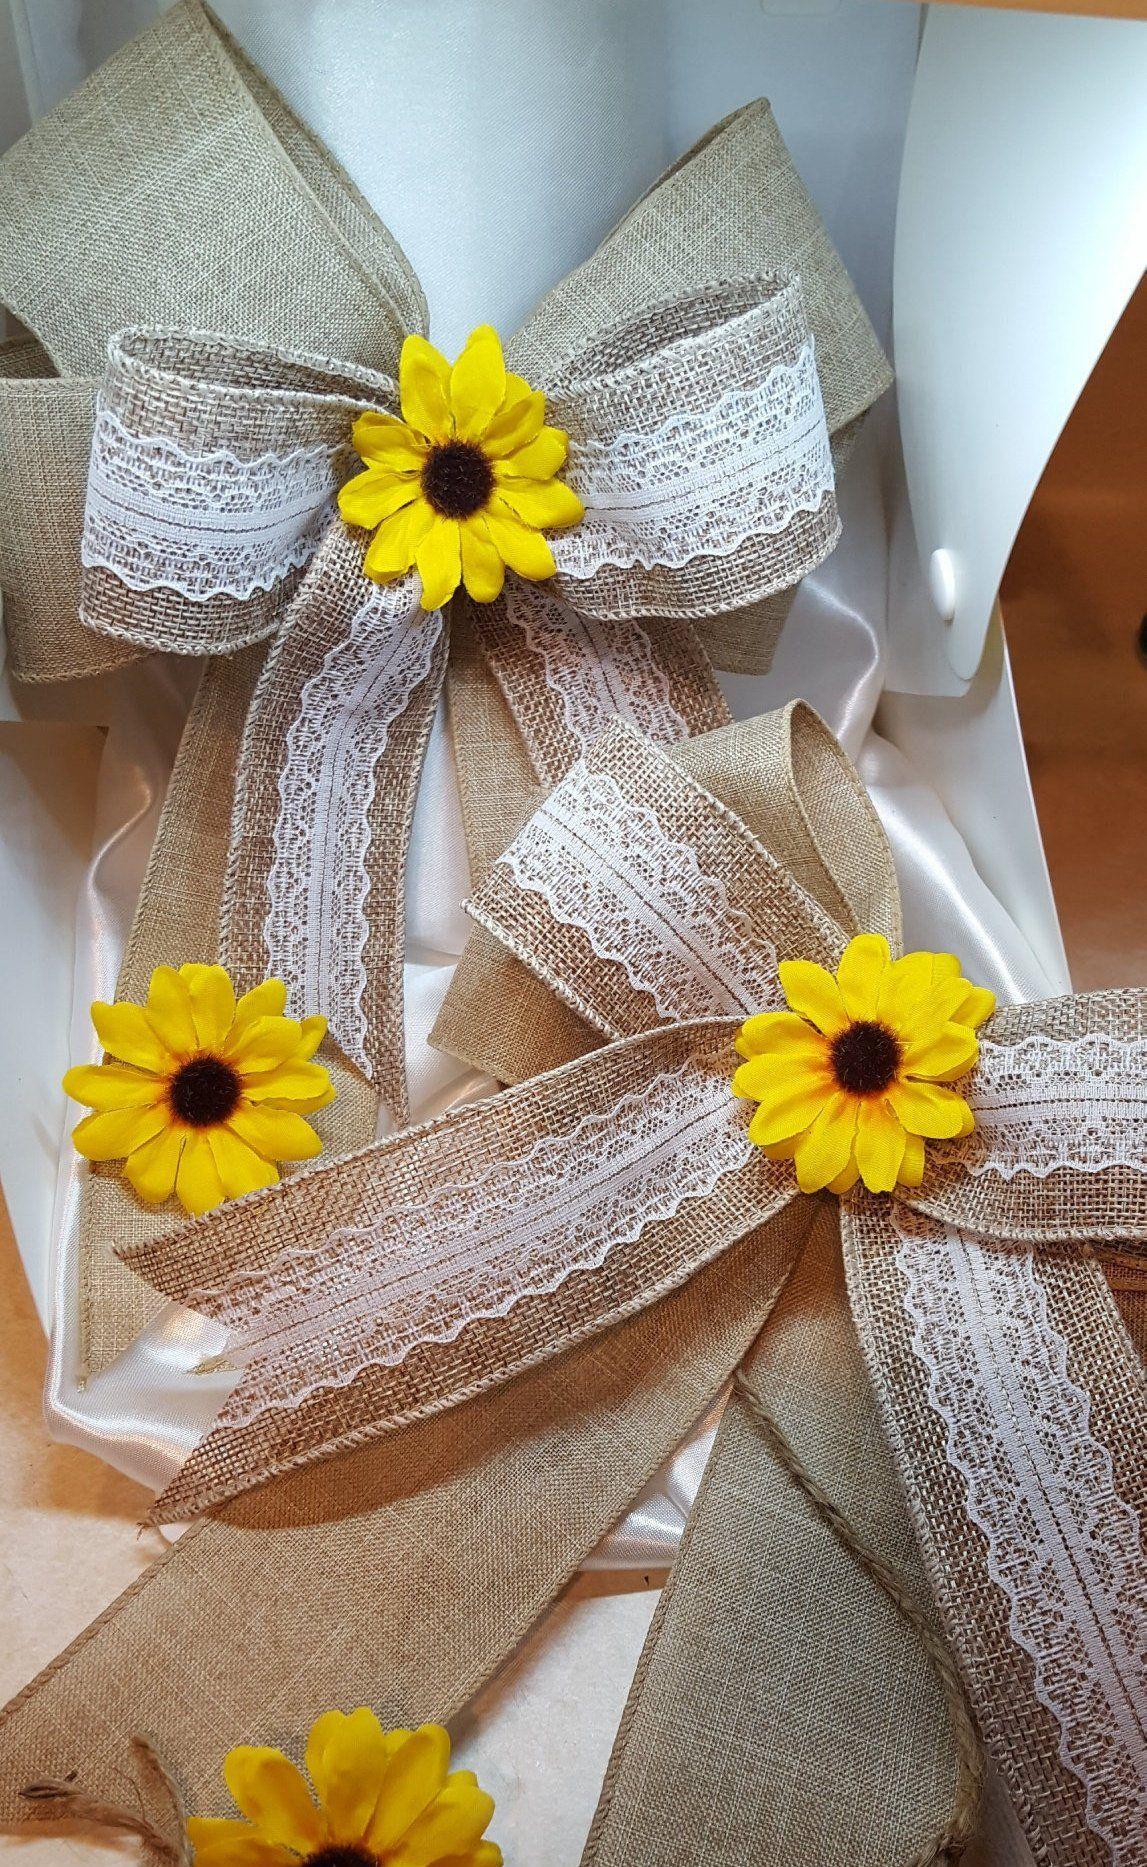 Sunflower Burlap Lace Bows Wedding Bows Set Of 5 Etsy Sunflower Wedding Decorations Burlap Wedding Burlap Lace